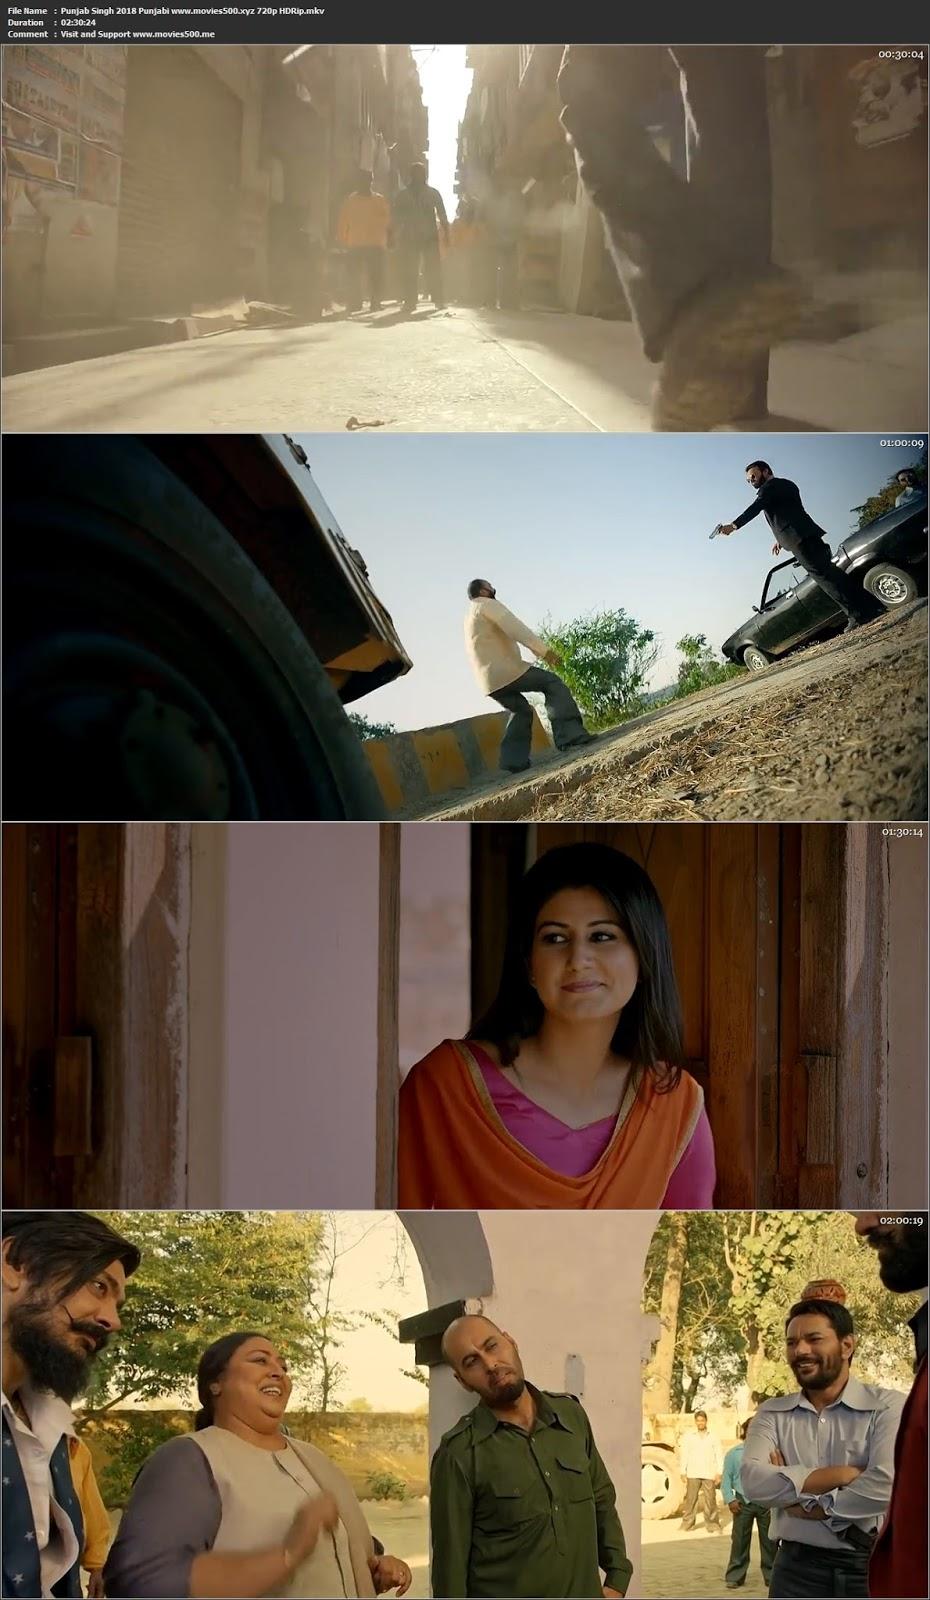 Punjab Singh 2018 Punjabi Full Movie HDRip 720p at gileadhomecare.com